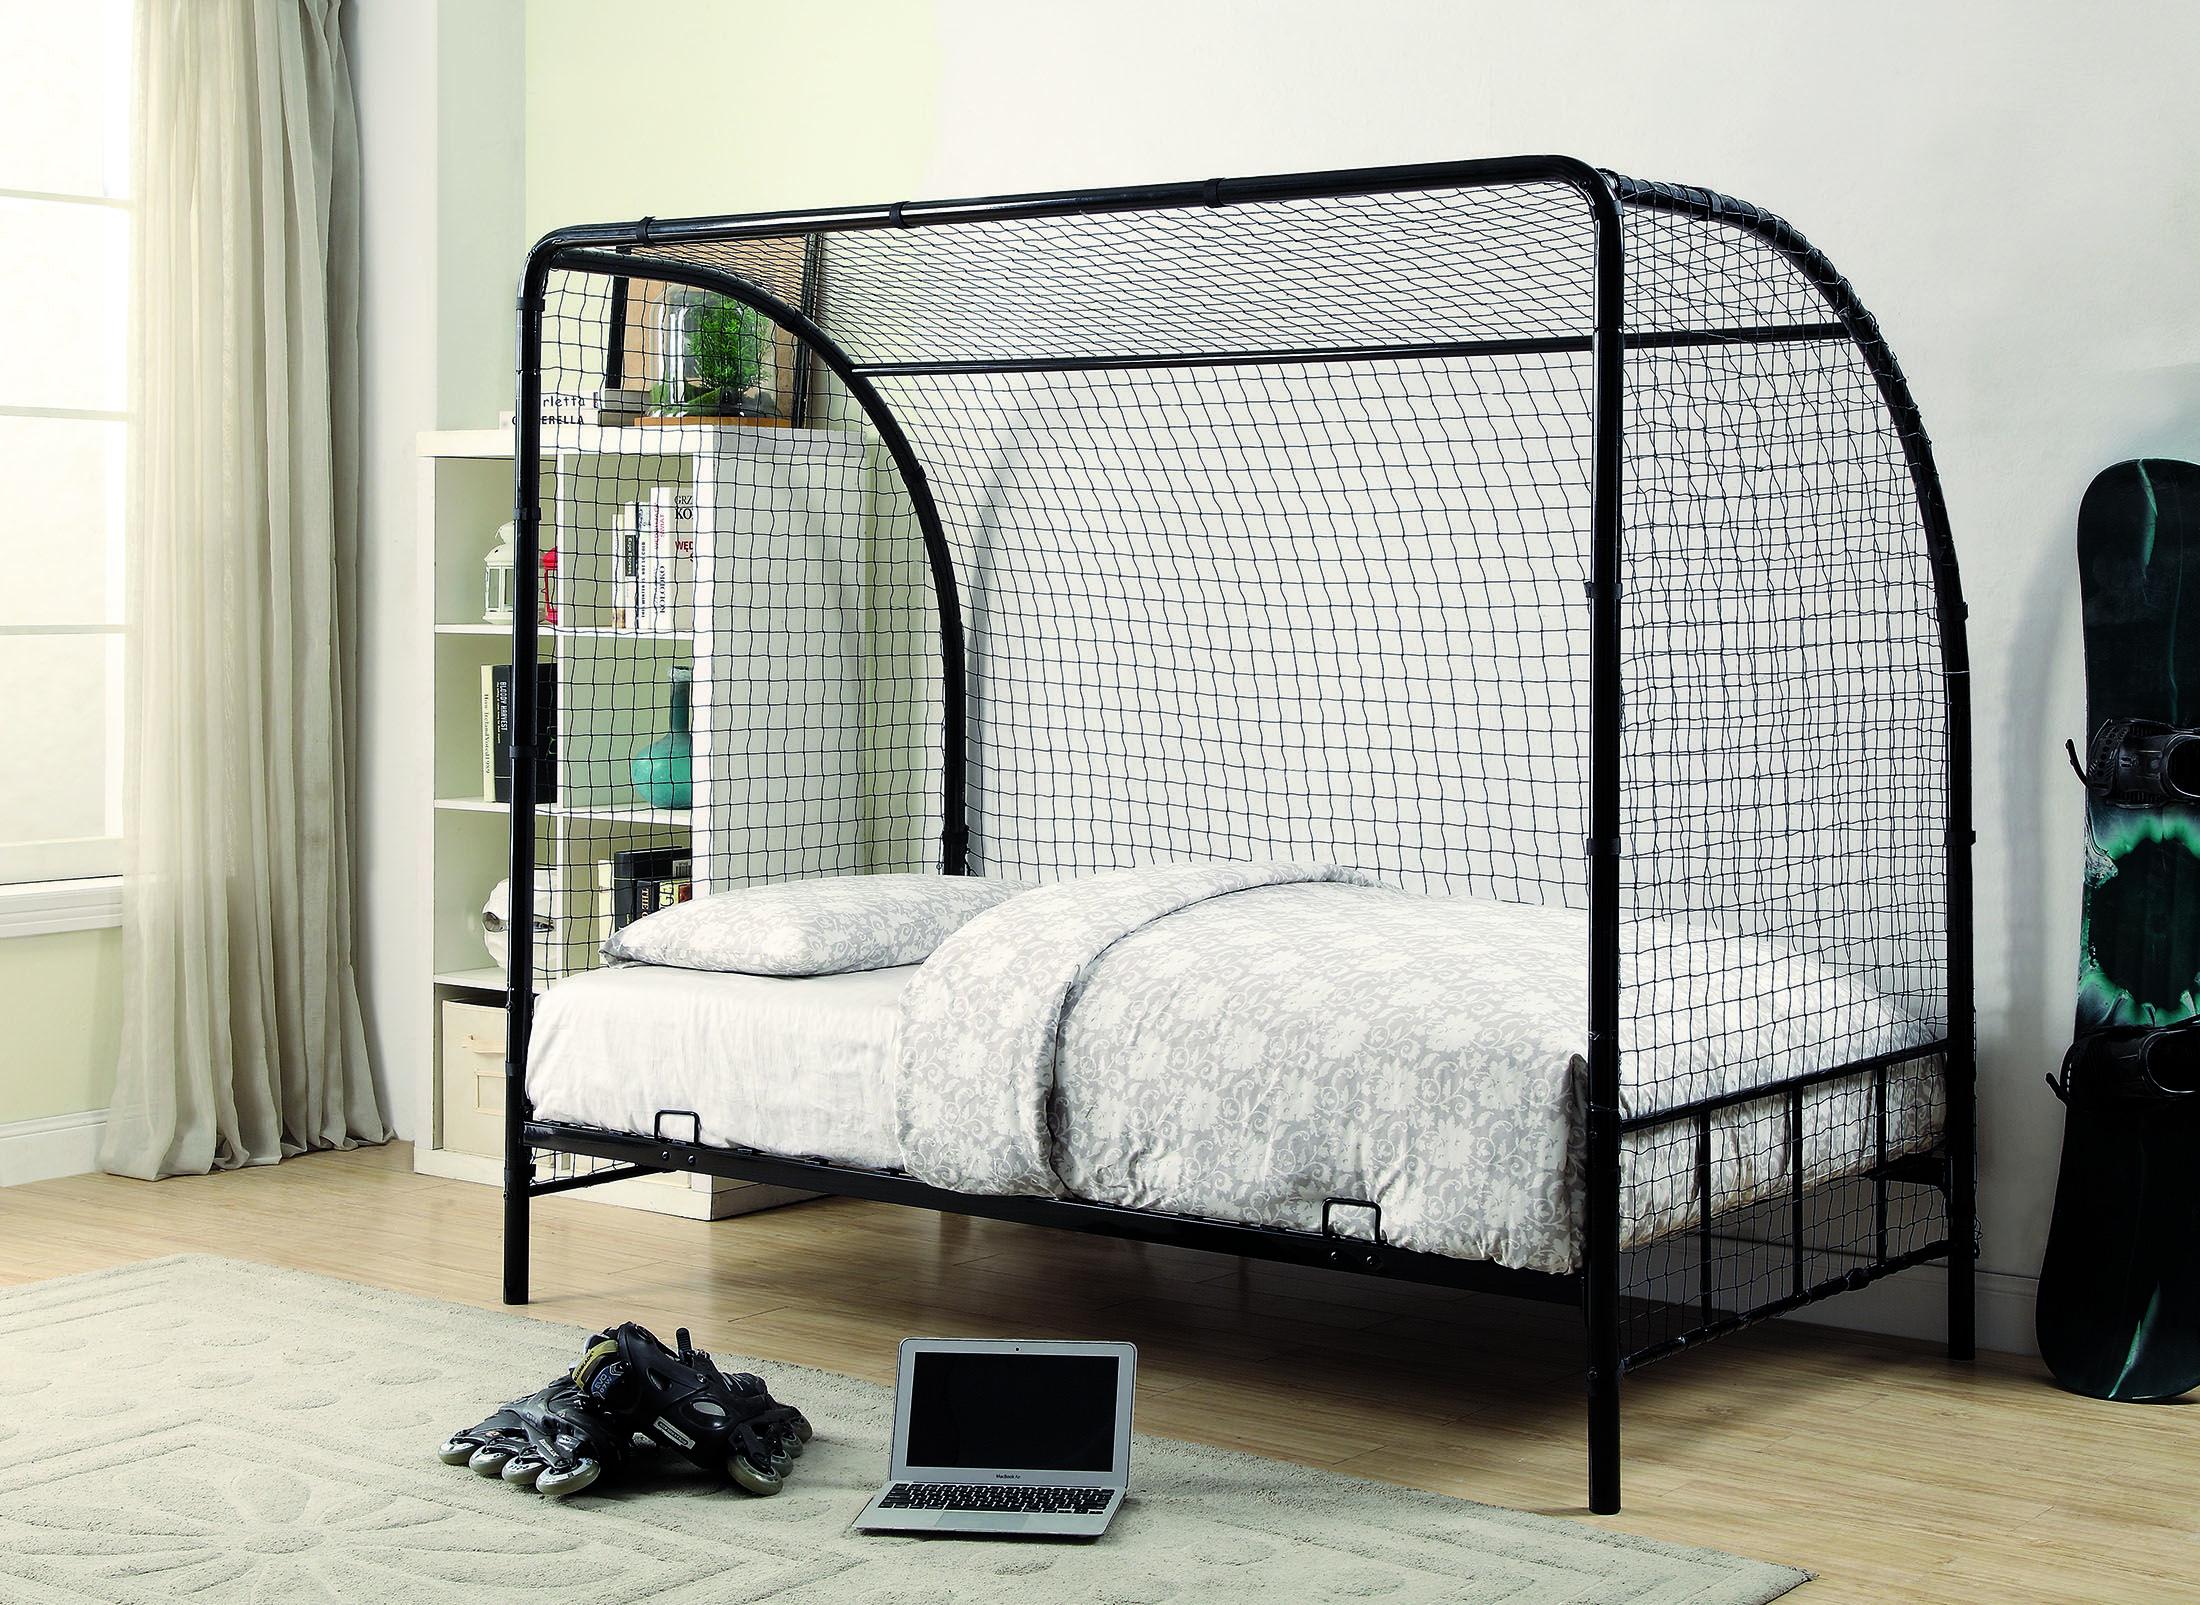 Coaster 301067 Black Metal Twin Soccer Bed Frame | Kids beds | Pinterest